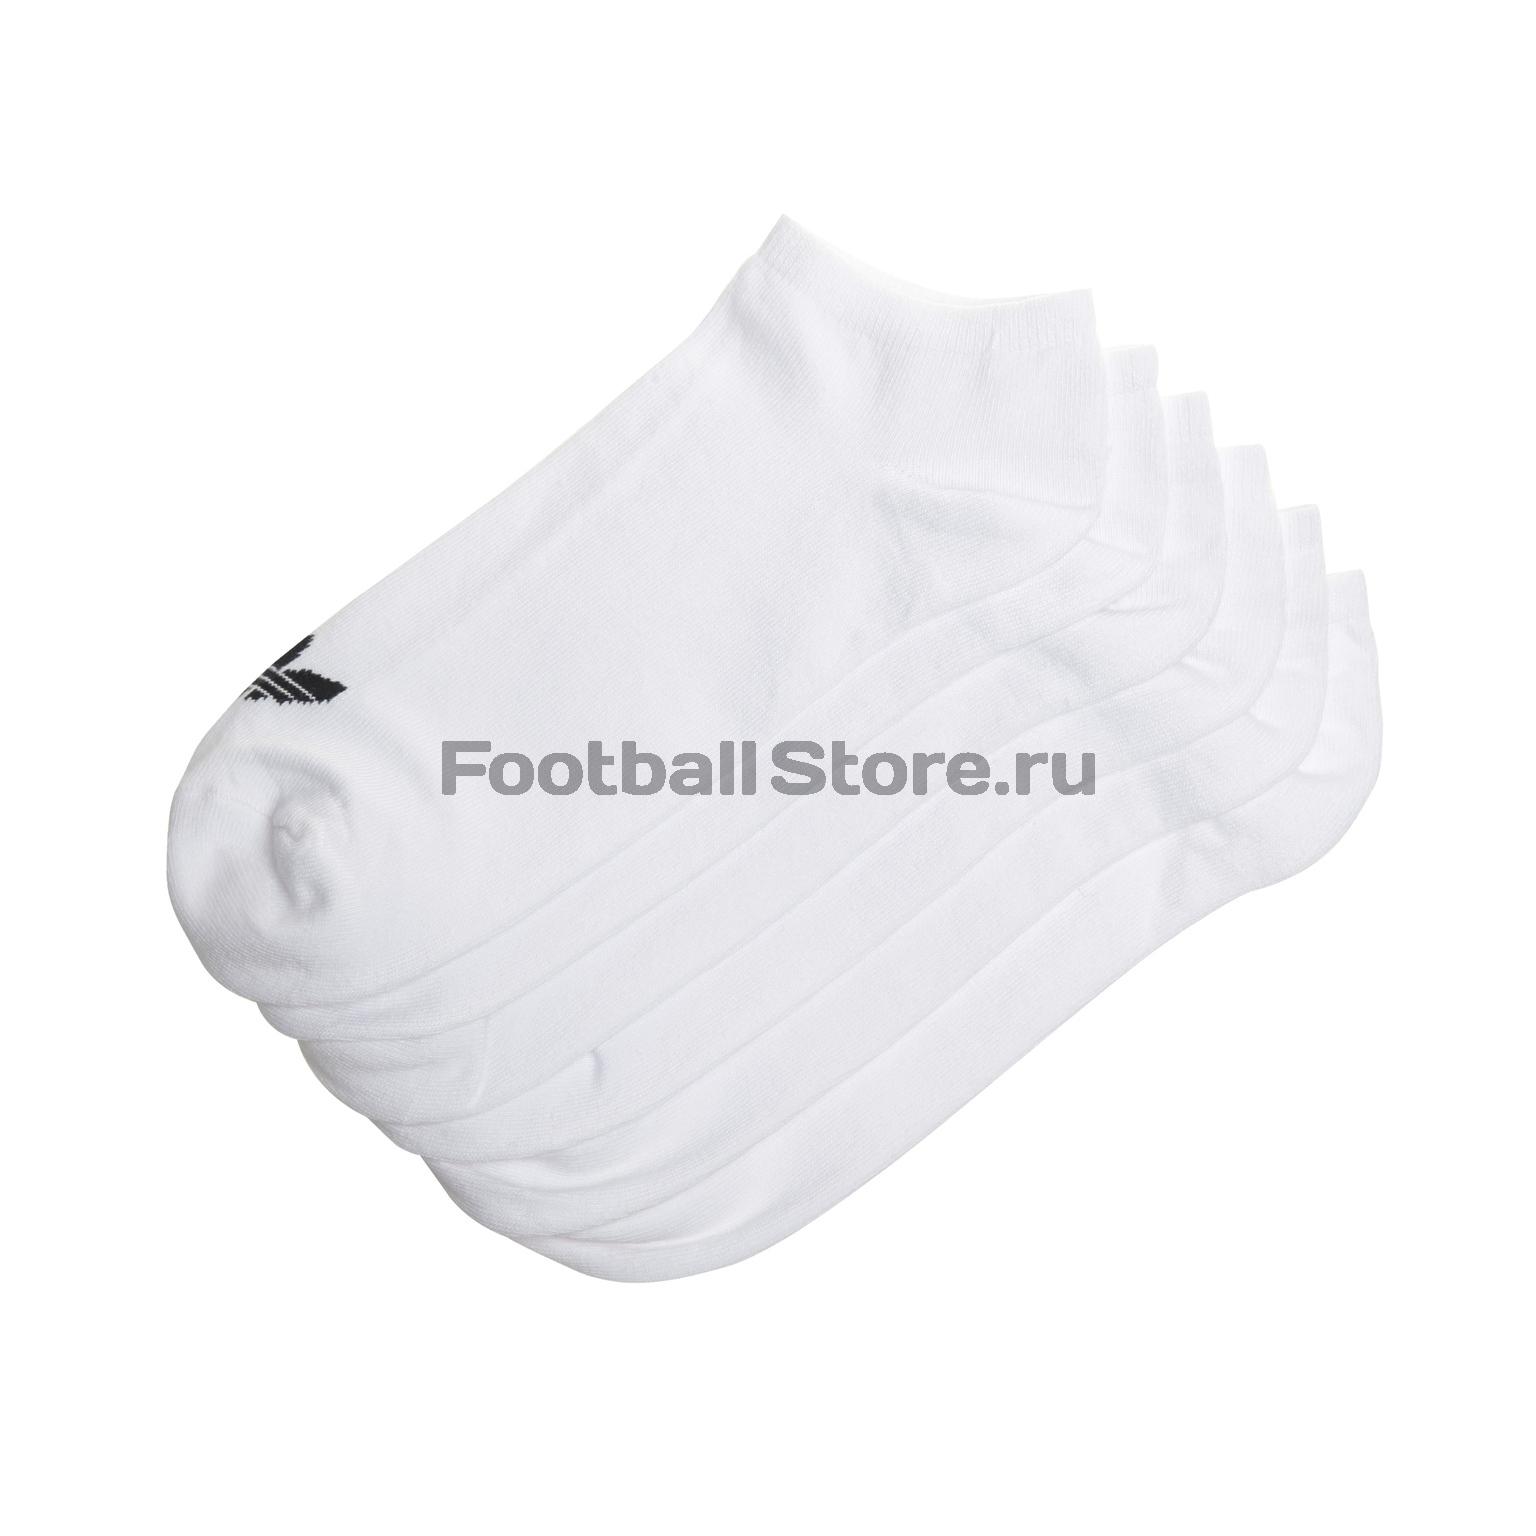 Комплект носков Adidas Trefoil Liner S20273